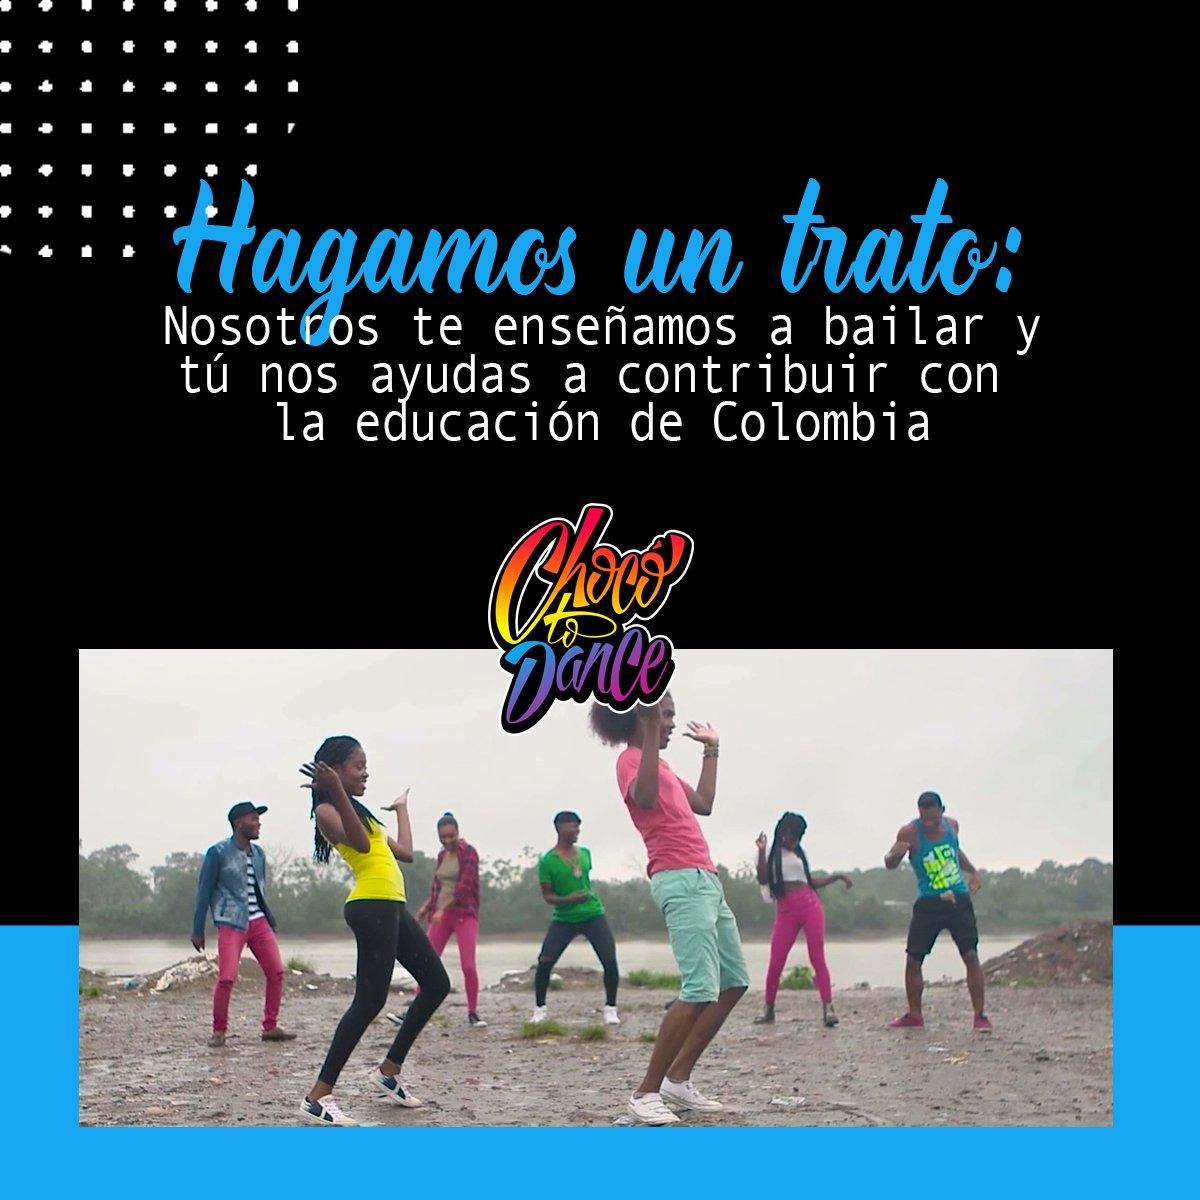 test Twitter Media - ¿Quieres bailar con más #flow? Con nuestras clases de baile te diviertes y aprendes a bailar con sabor #latino. ¡Únete a nuestras clases en https://t.co/JuxXn9hjCy!⠀ https://t.co/mCTYPhYEtQ